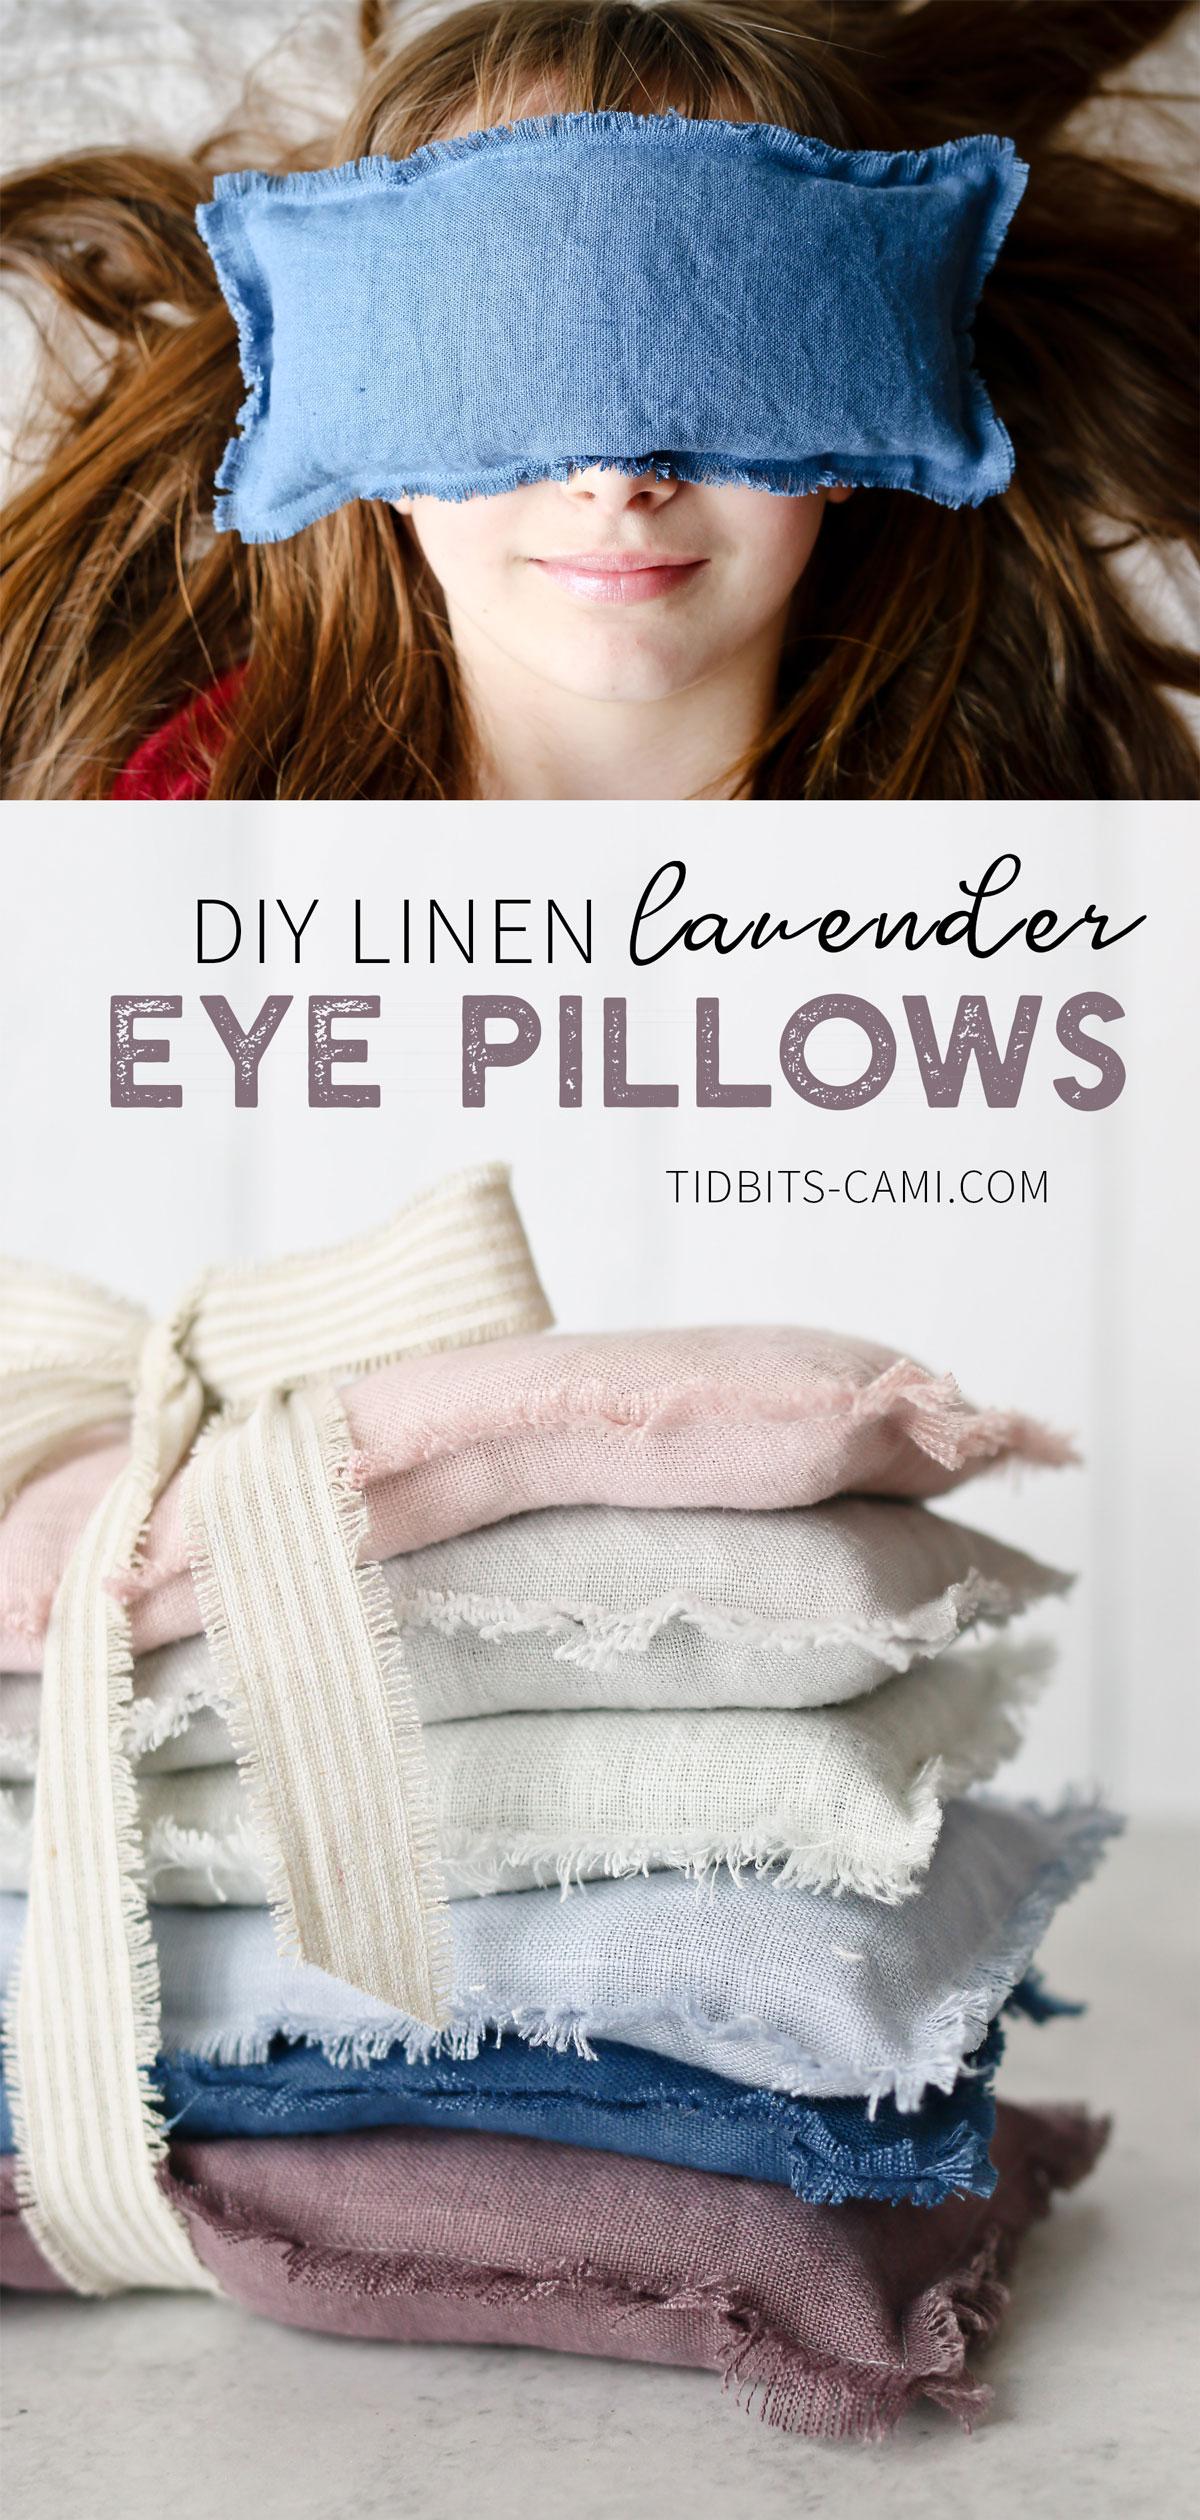 DIY Line Lavender Eye Pillows